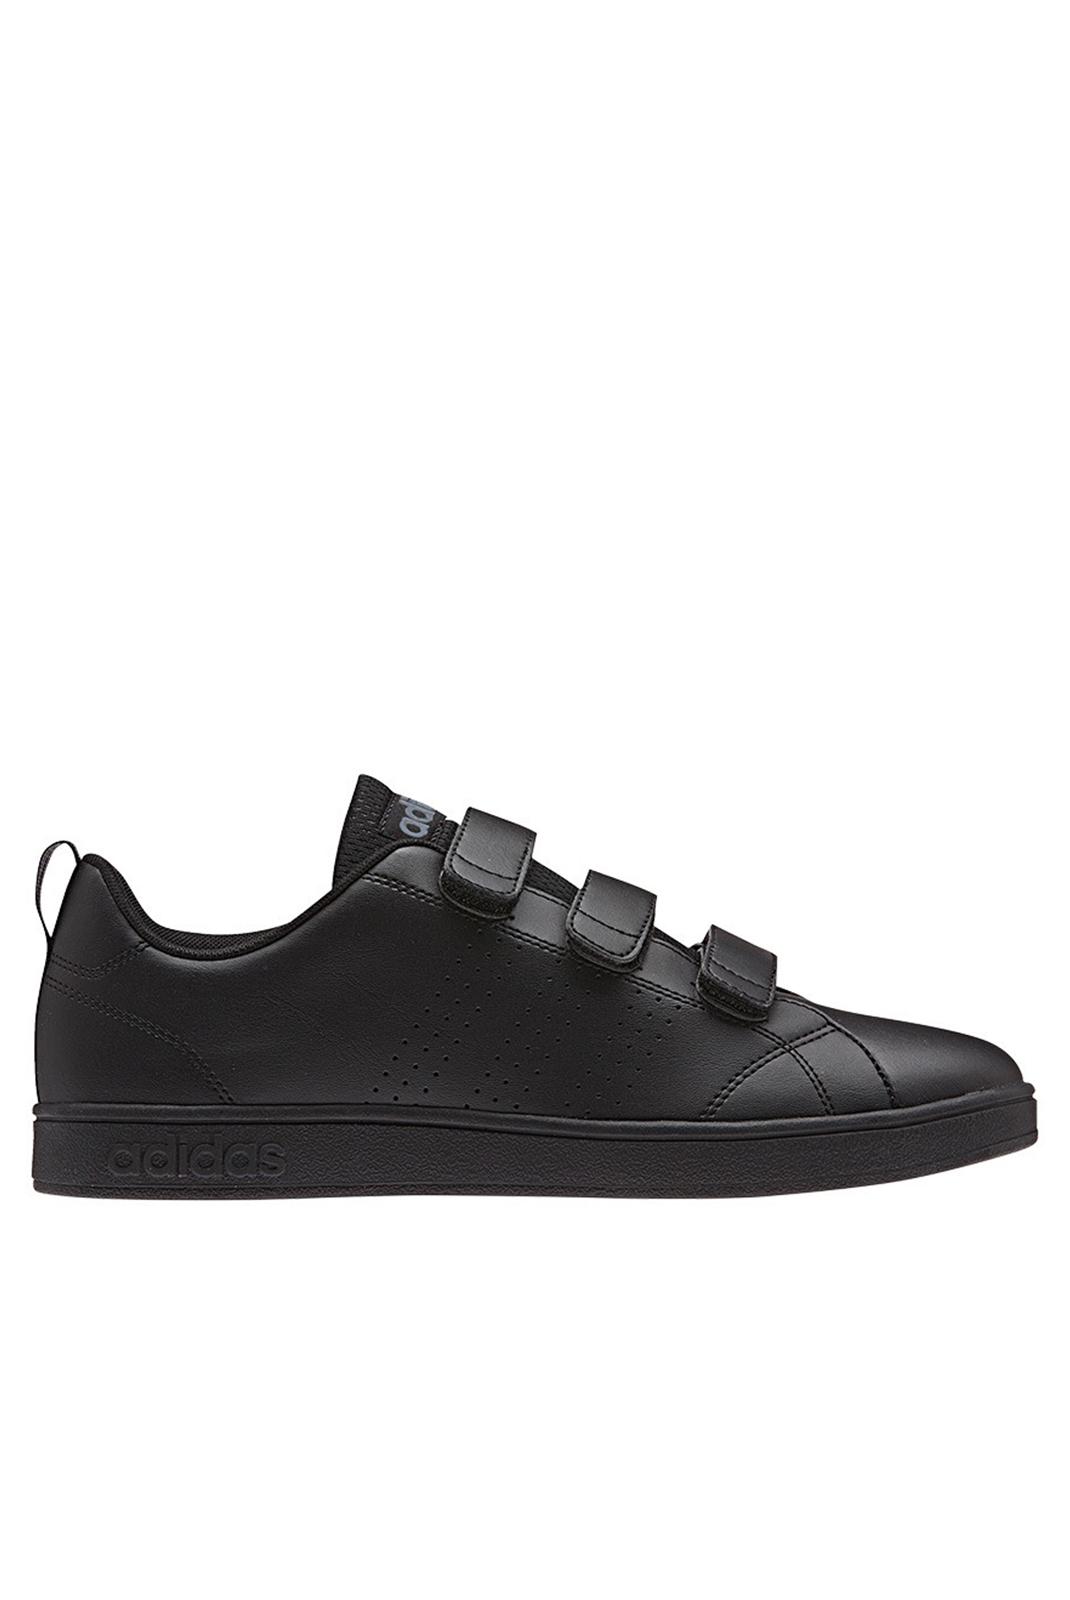 Chaussures   Adidas AW5212 ADVANTAGE CLEAN CMF NOIR